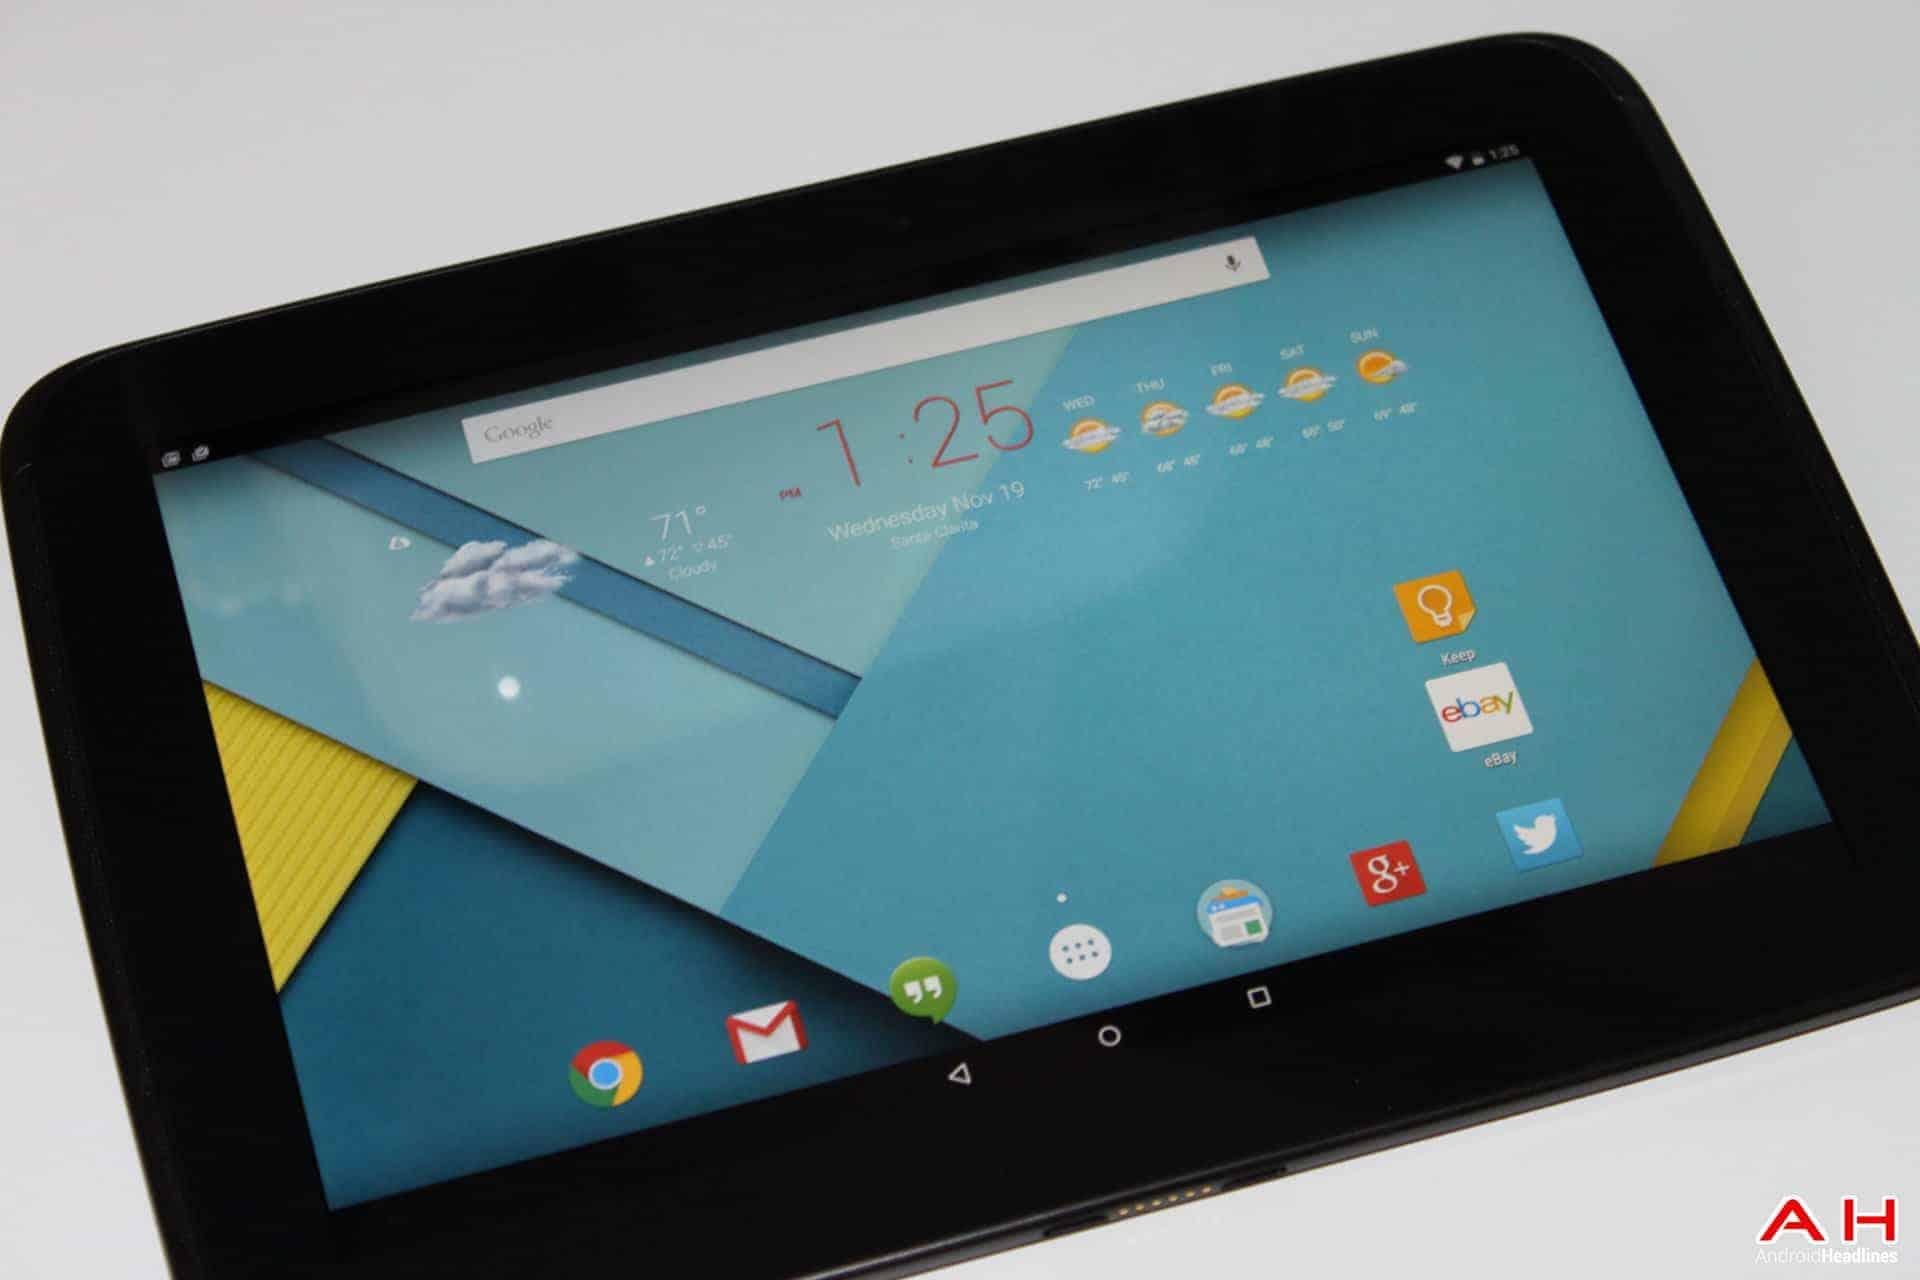 AH 3 Nexus 10 Lollipop android 5.0